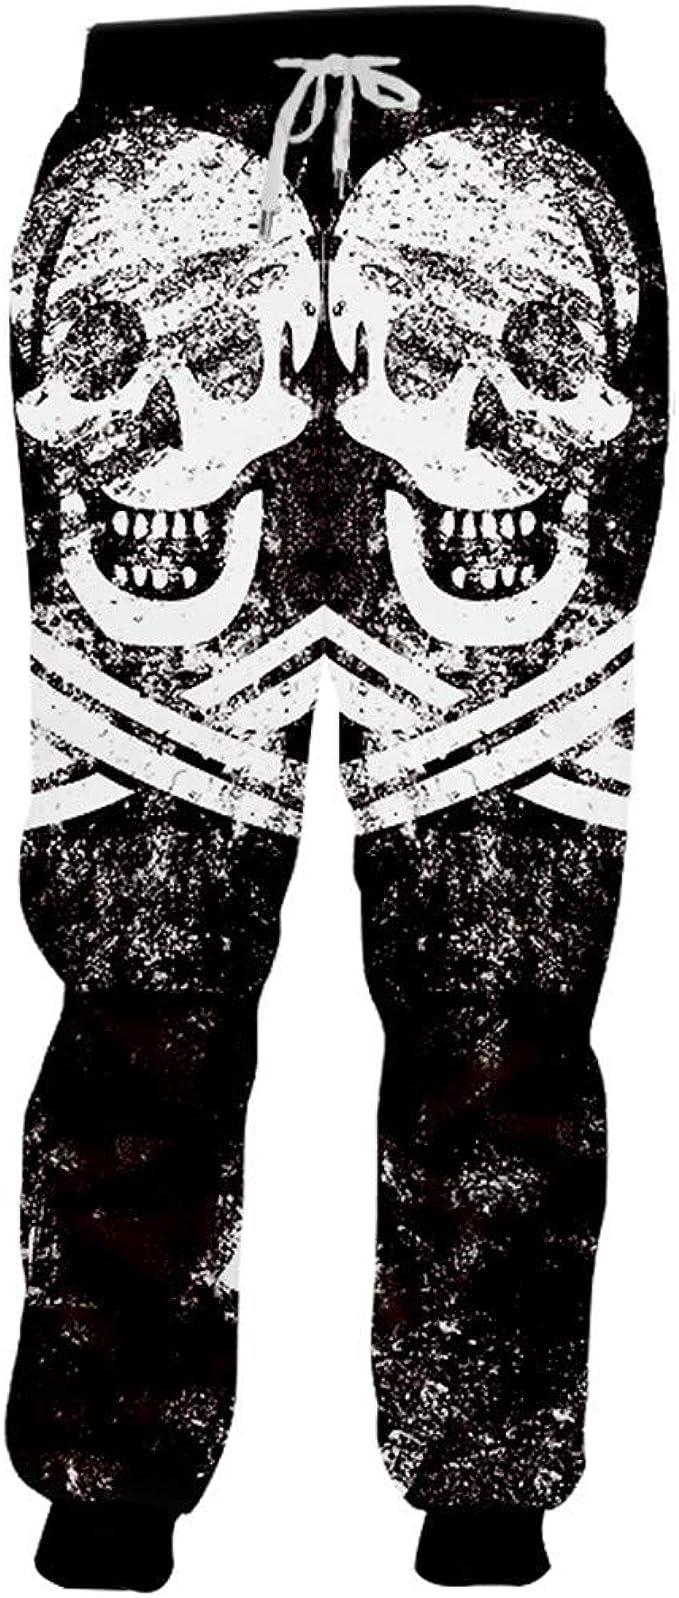 Pantalones de chándal Unisex en 3D con Estampado Completo ...